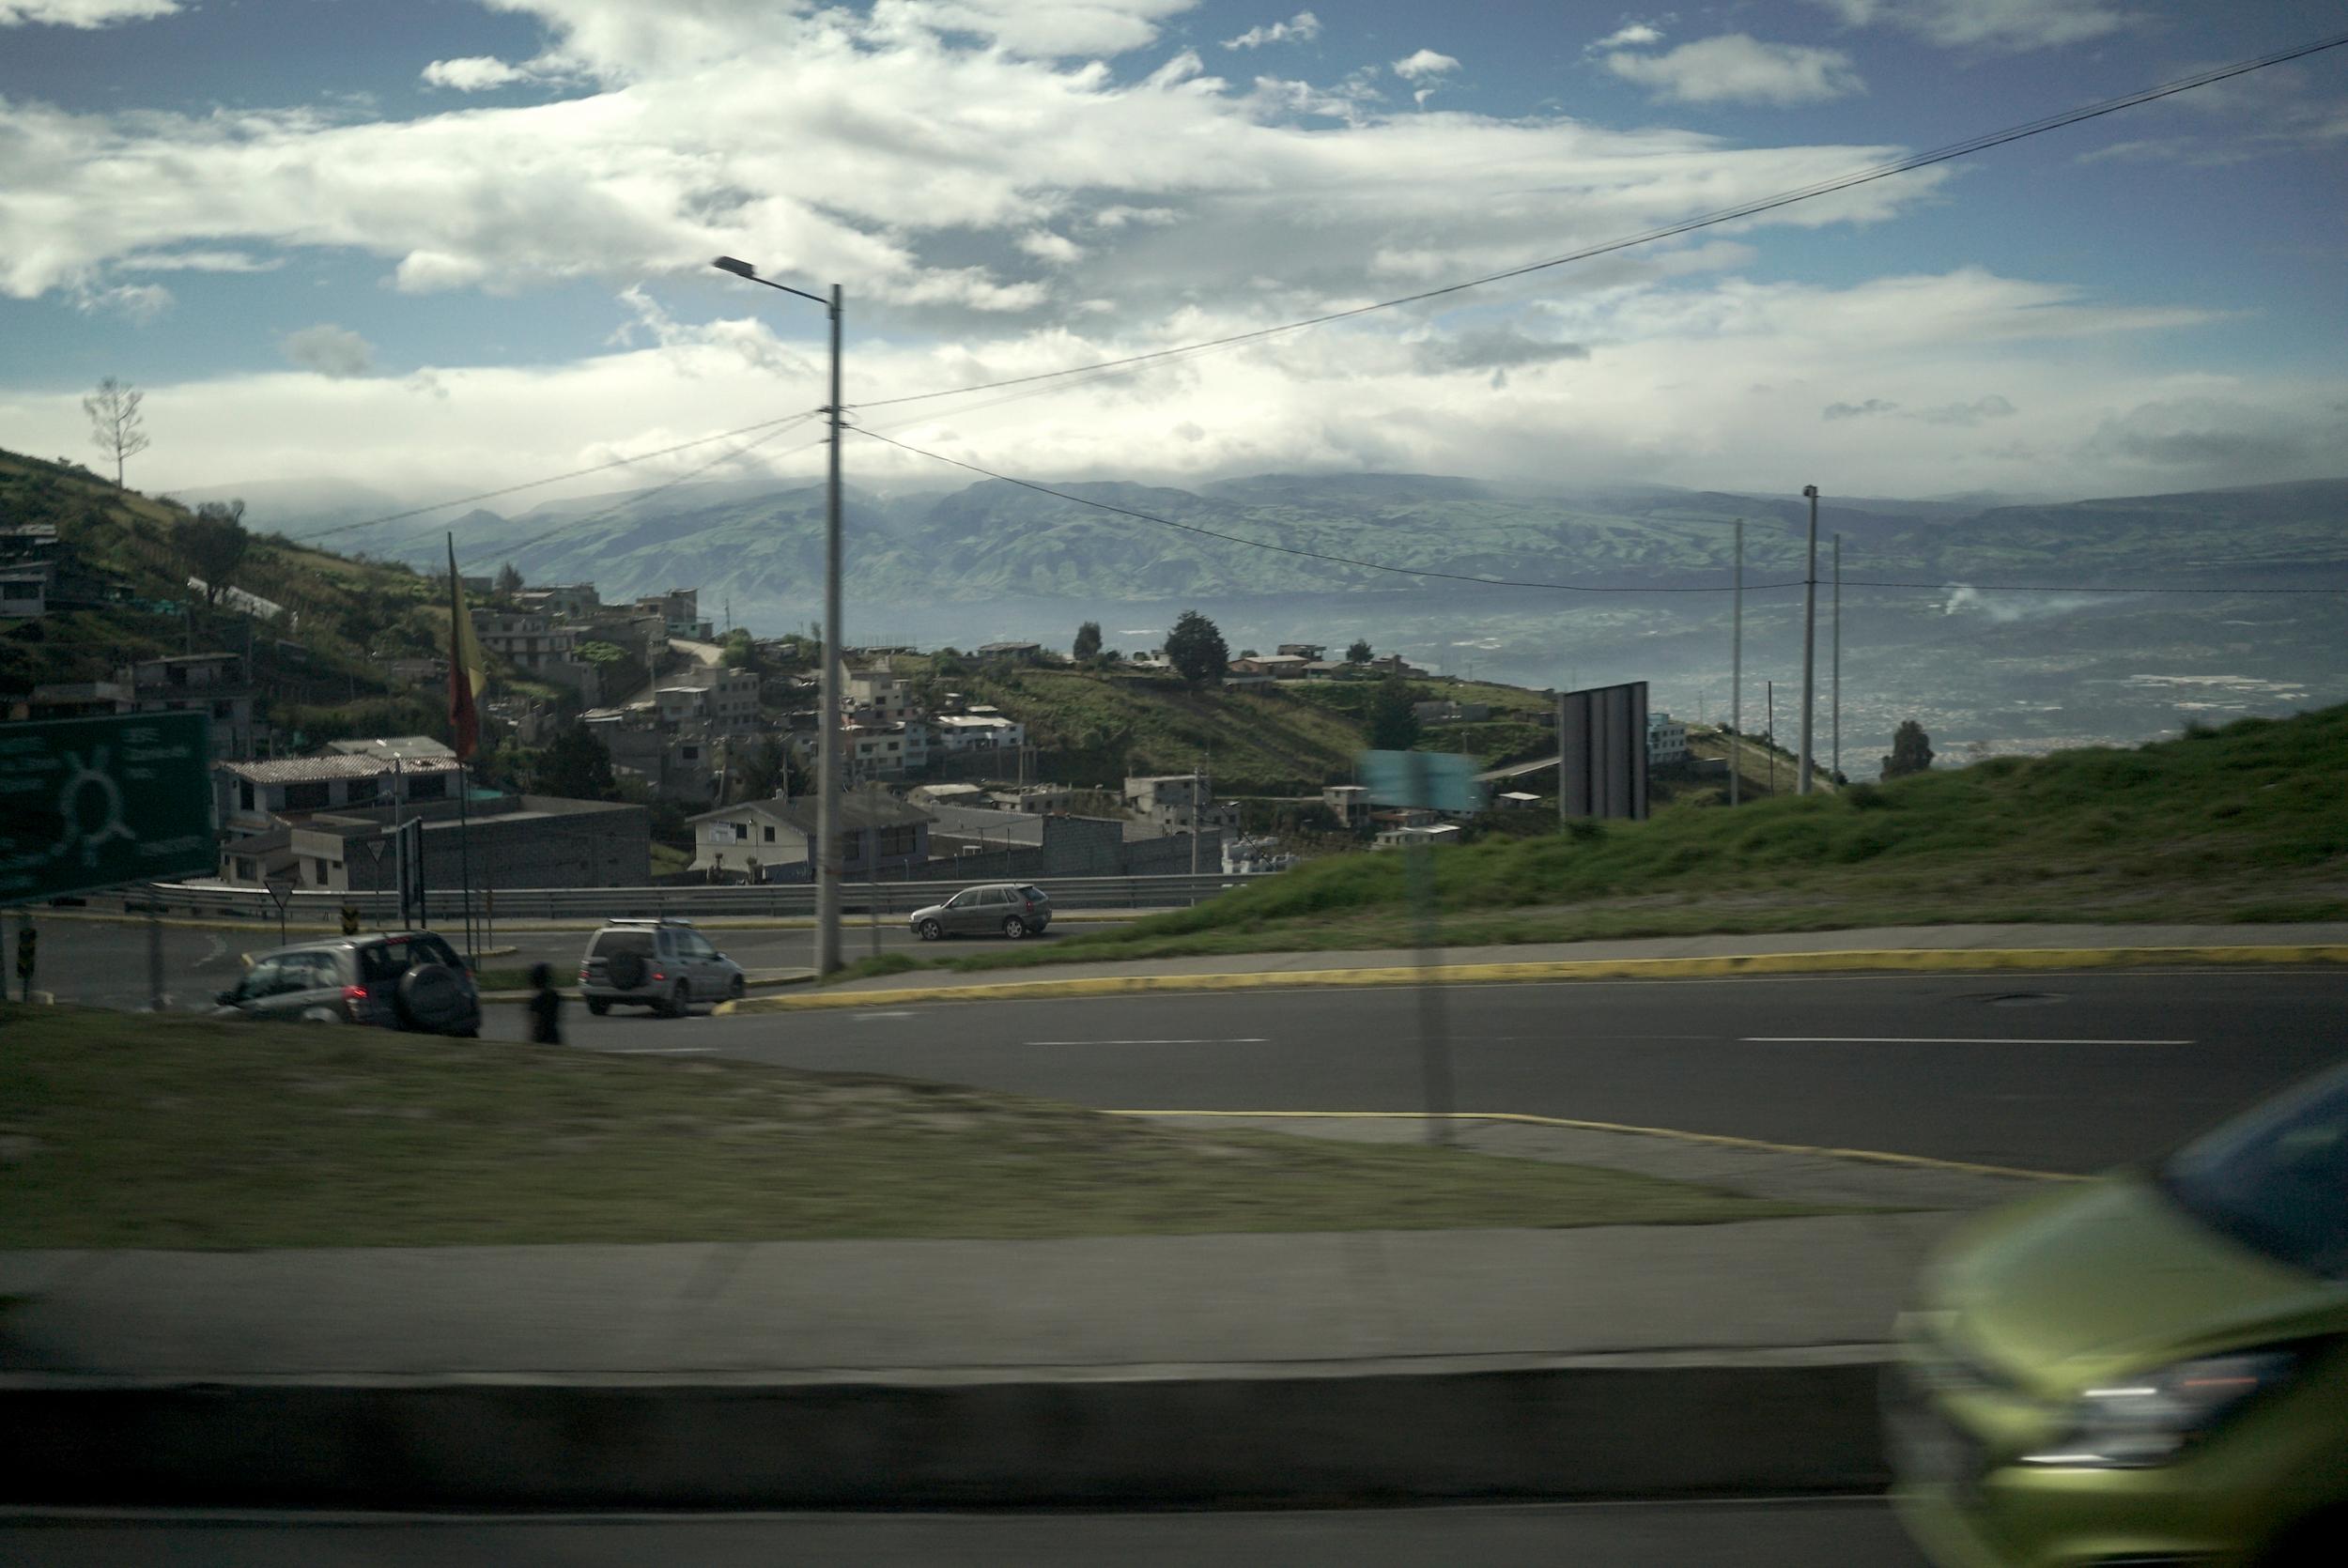 En quittant Quito